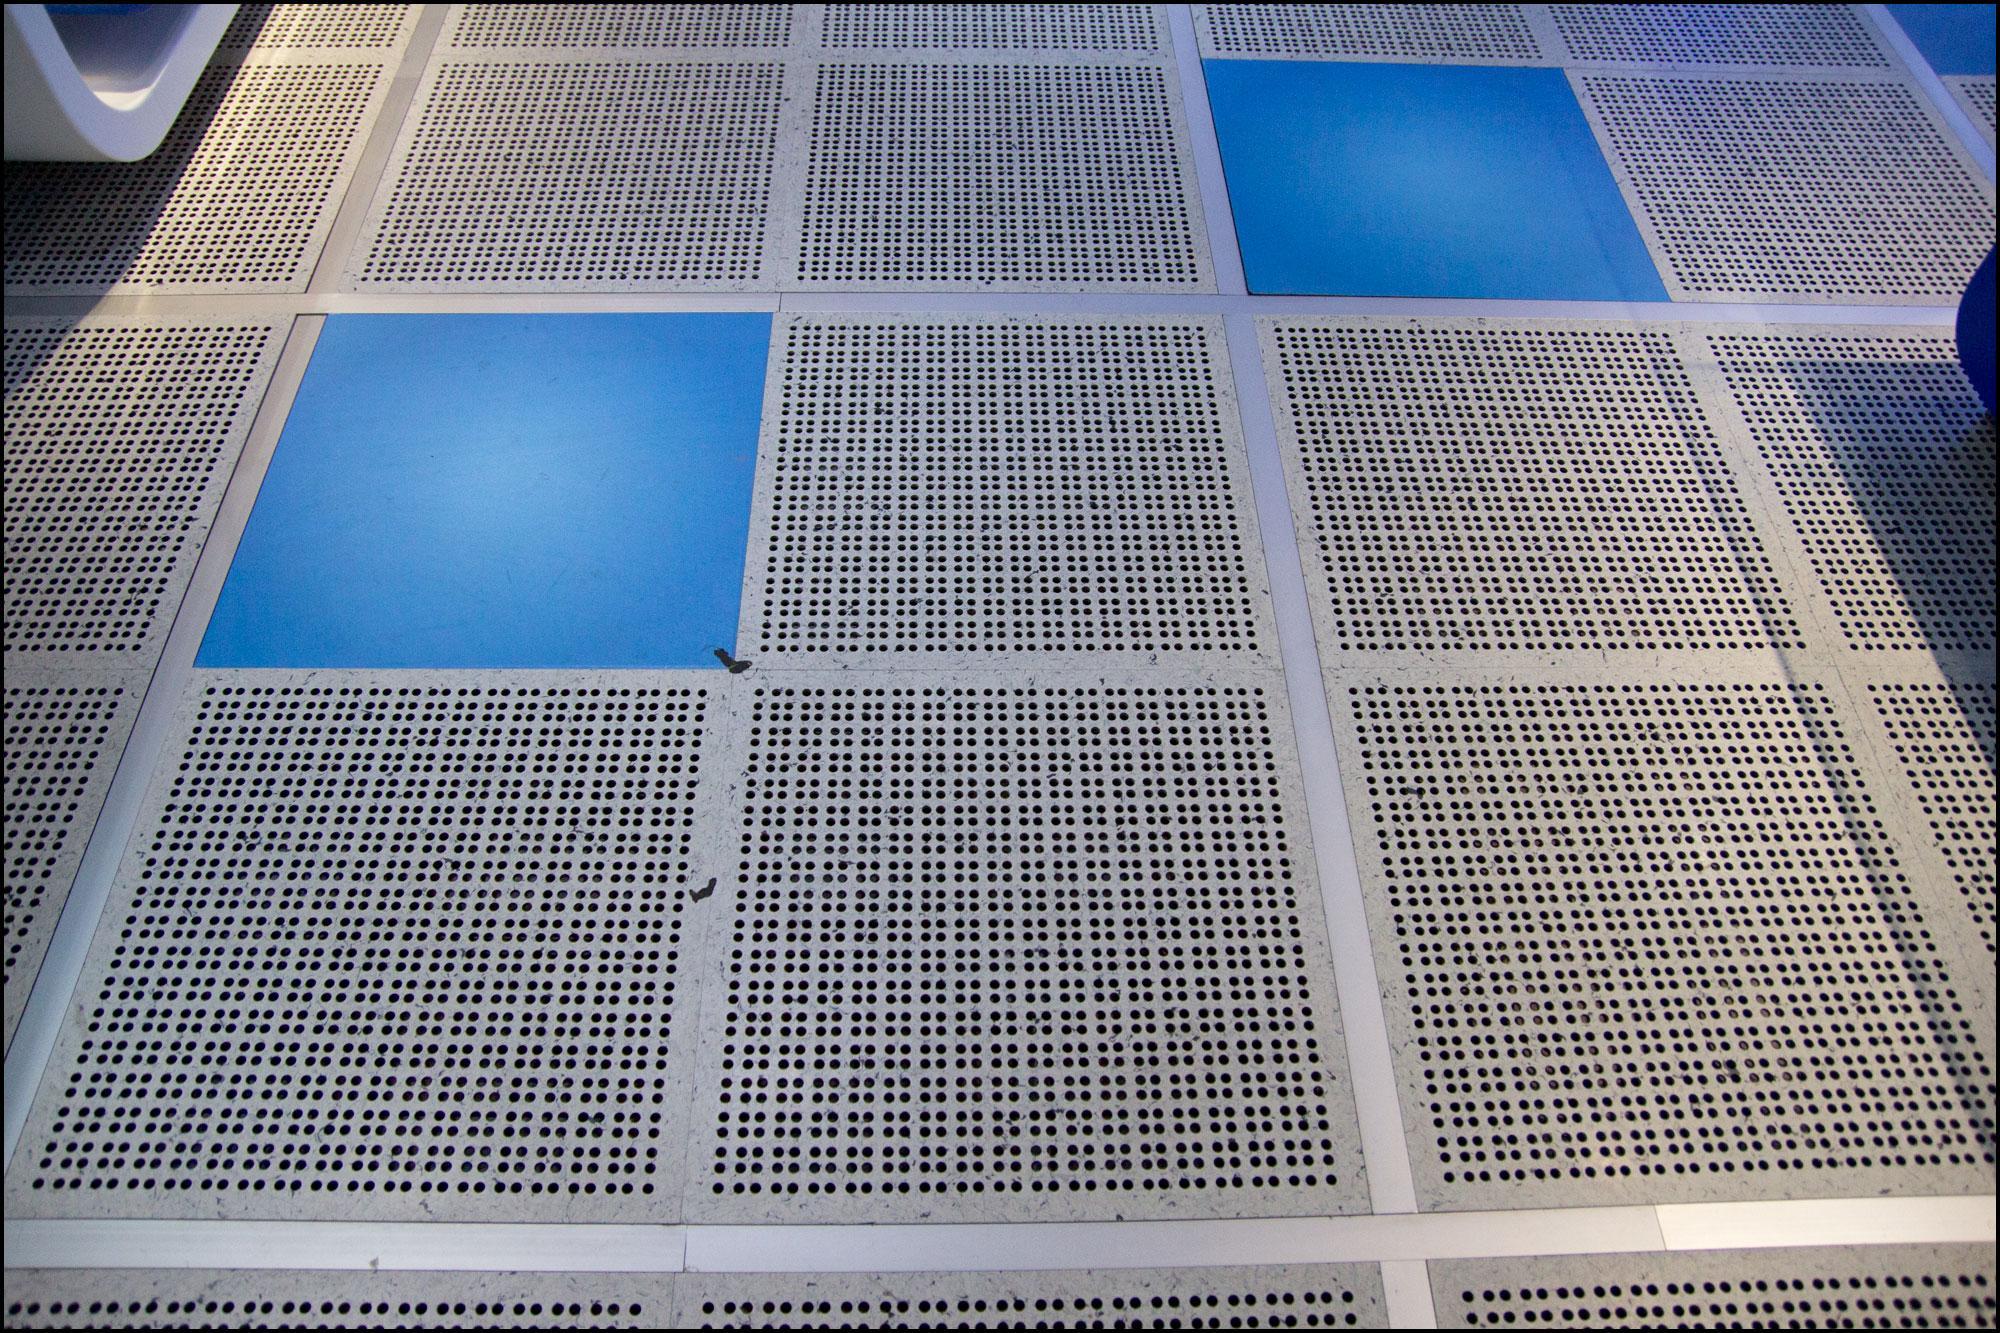 Gulvet i en prosessorfabrikk